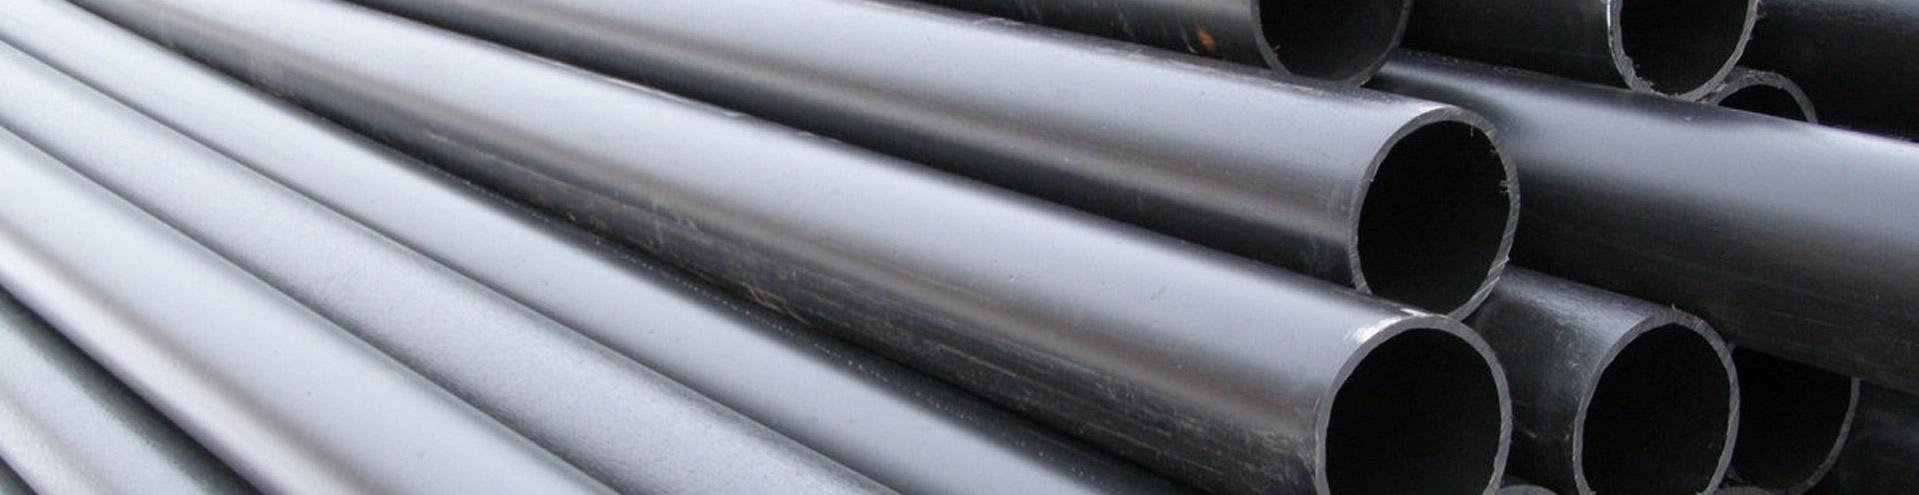 Производство пластиковых труб технического назначения диаметром 20-630